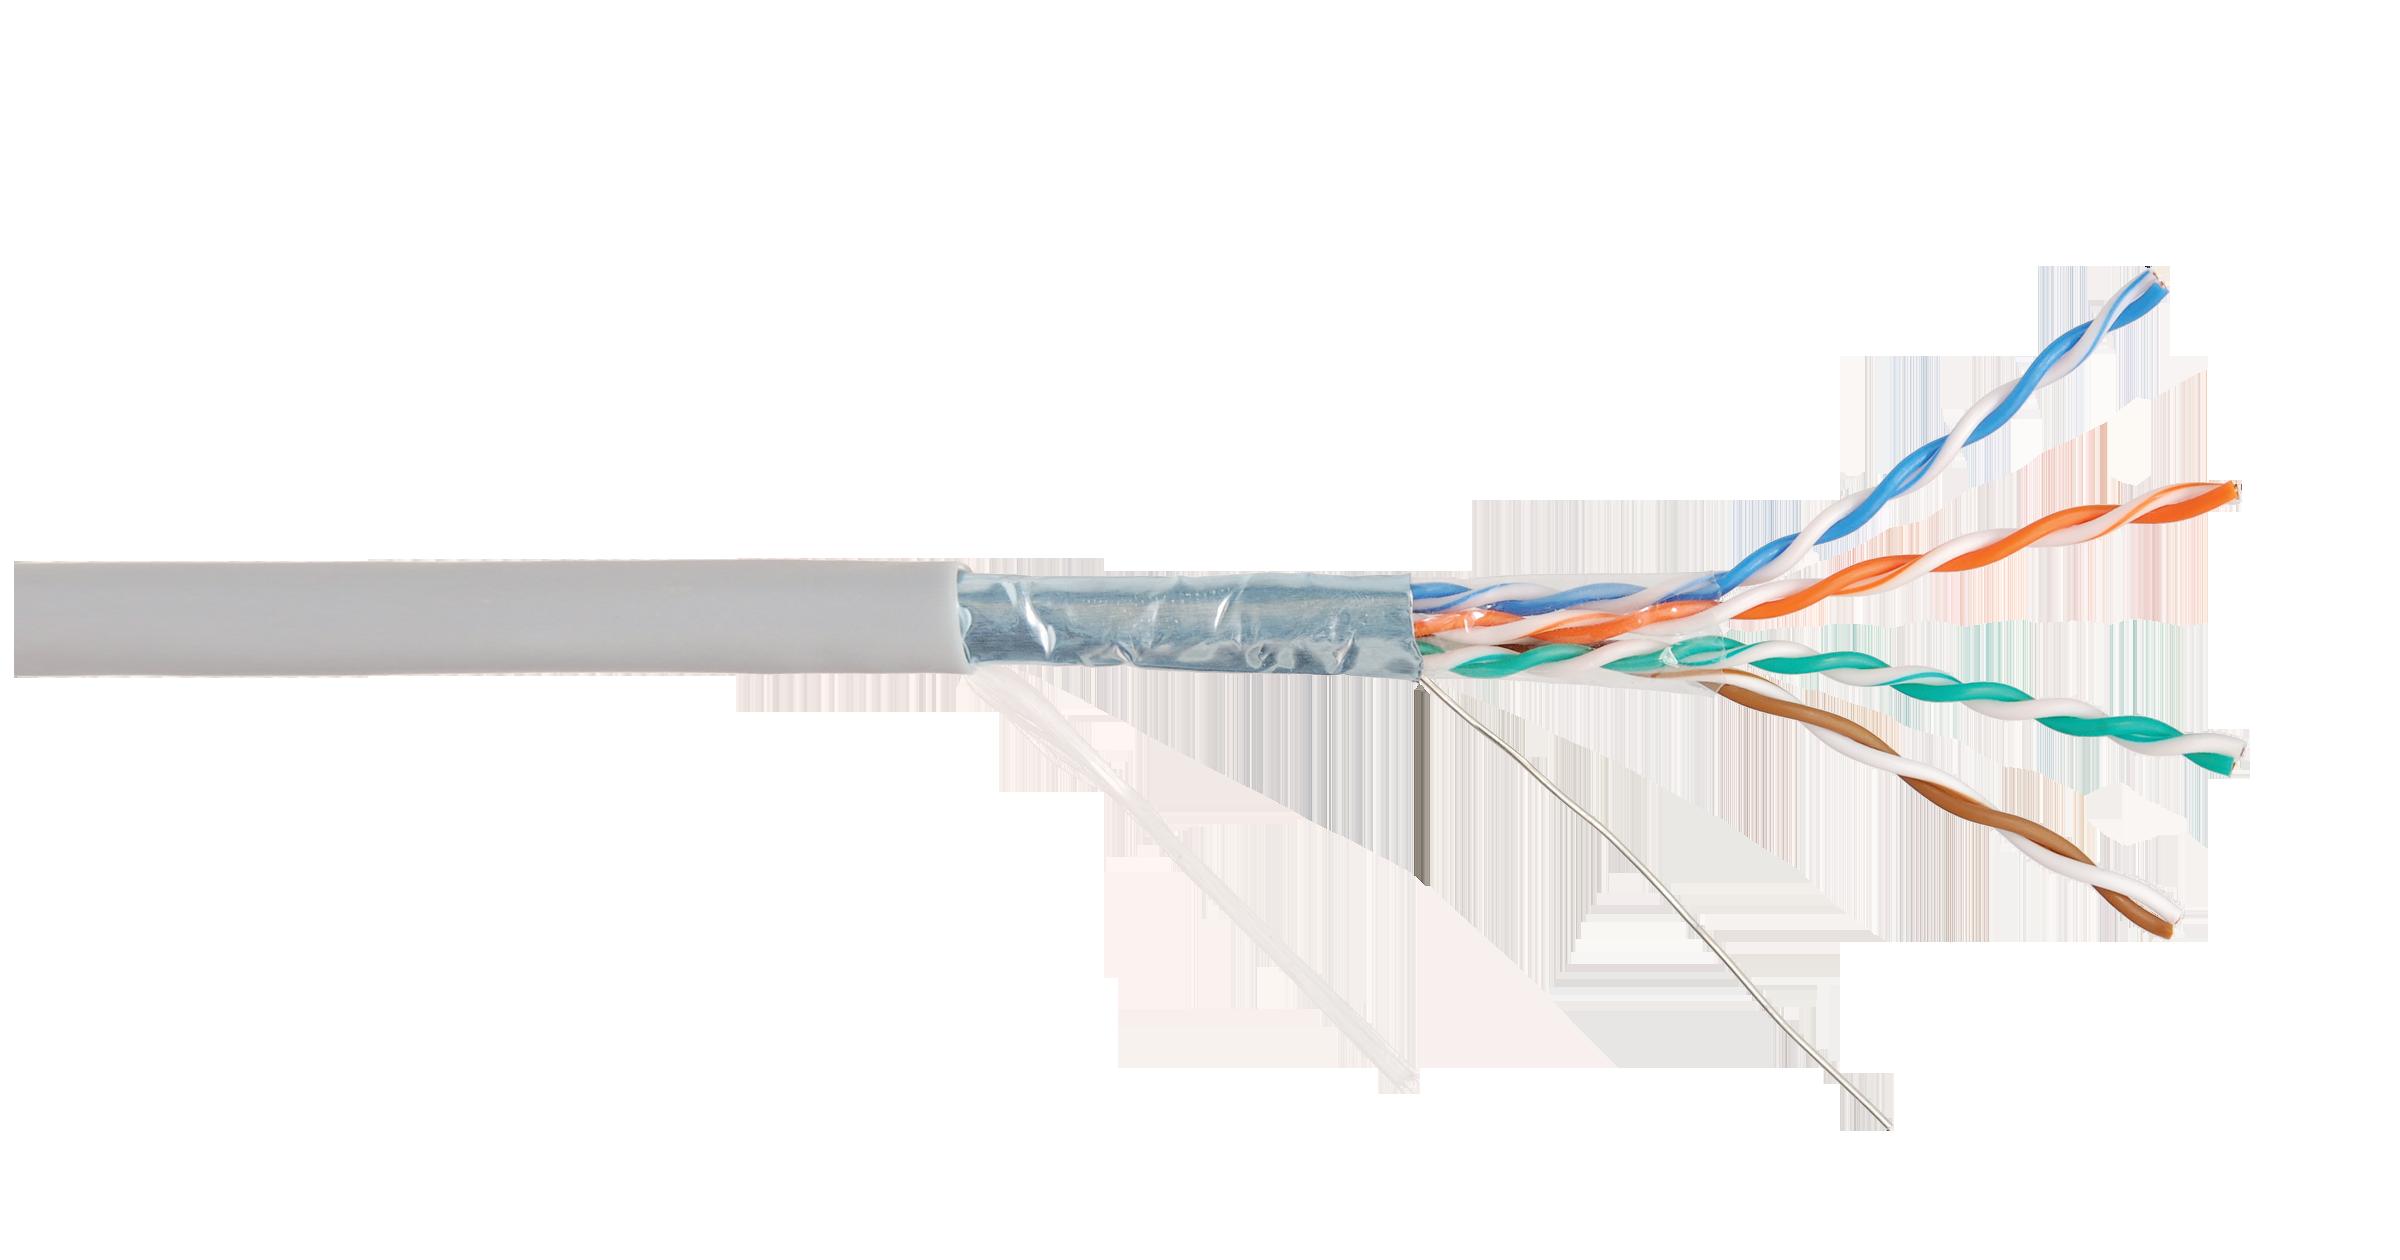 Кабель NIKOLAN F/UTP 4 пары, Кат.5e (Класс D), тест по ISO/IEC, 100МГц, одножильный, BC (чистая медь), 24AWG (0,50мм), внутренний, PVC нг(А), серый, 305м - гарантия: 1 год / 10 лет системная